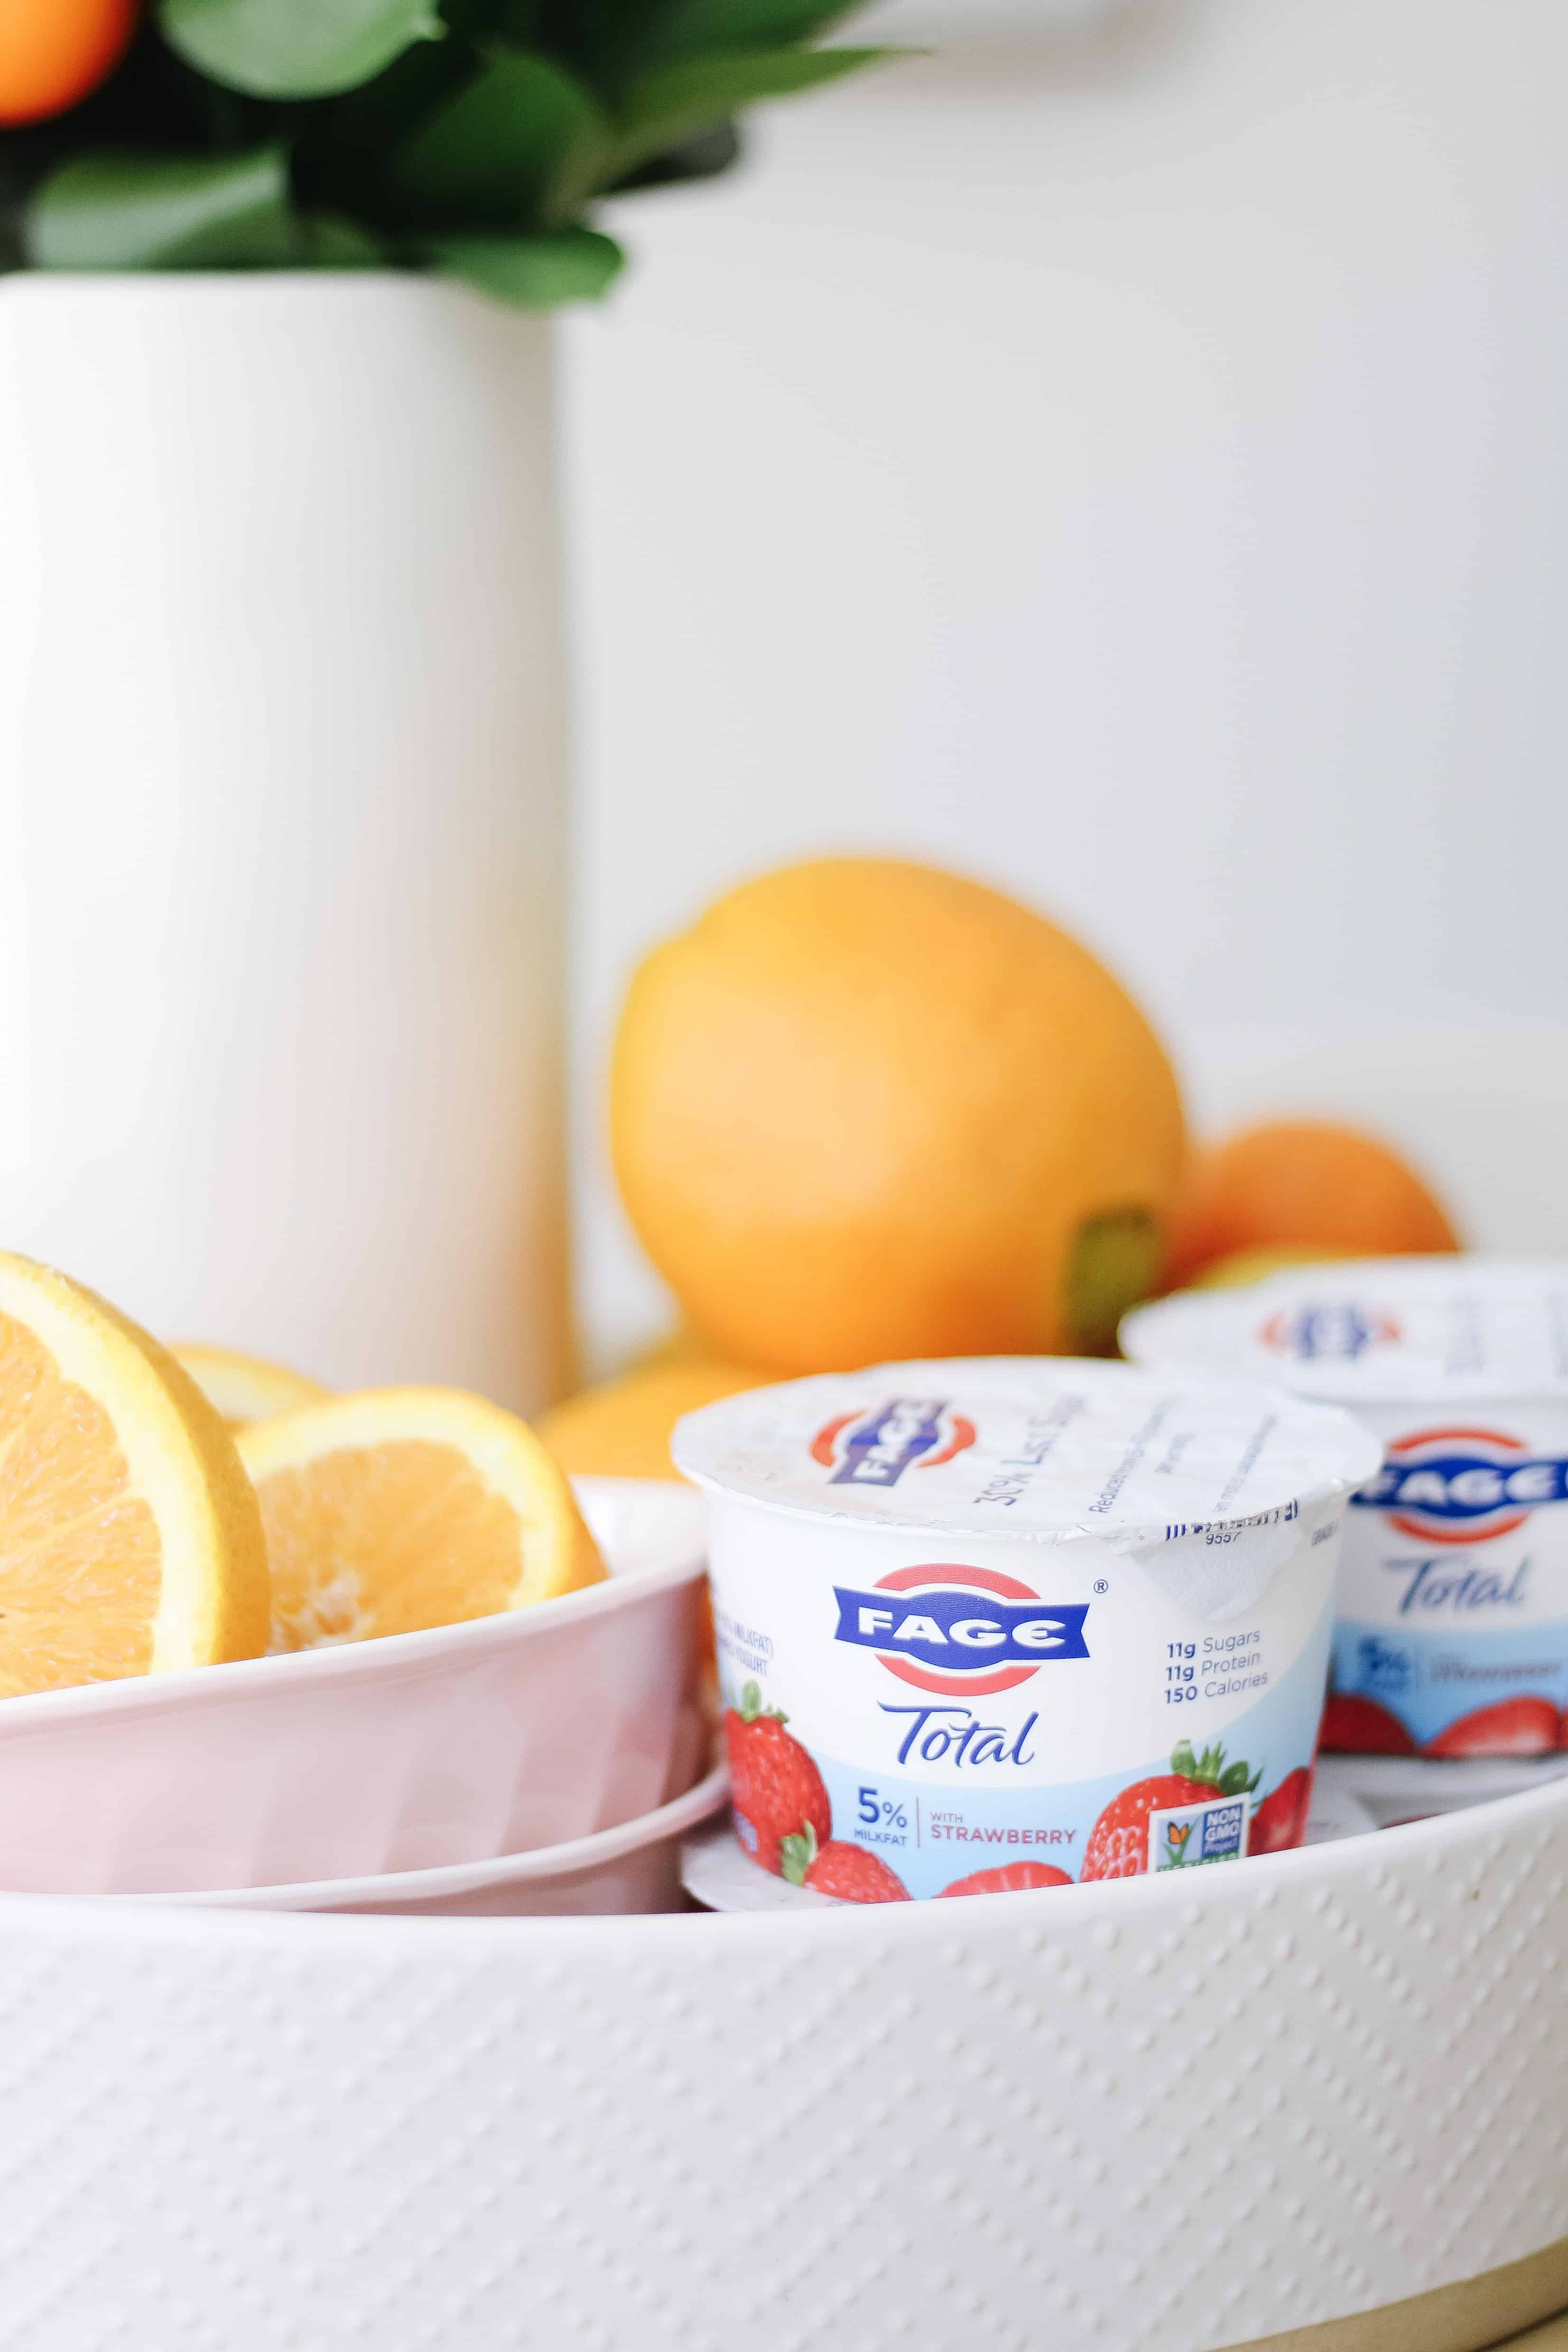 FAGE yogurt next to oranges